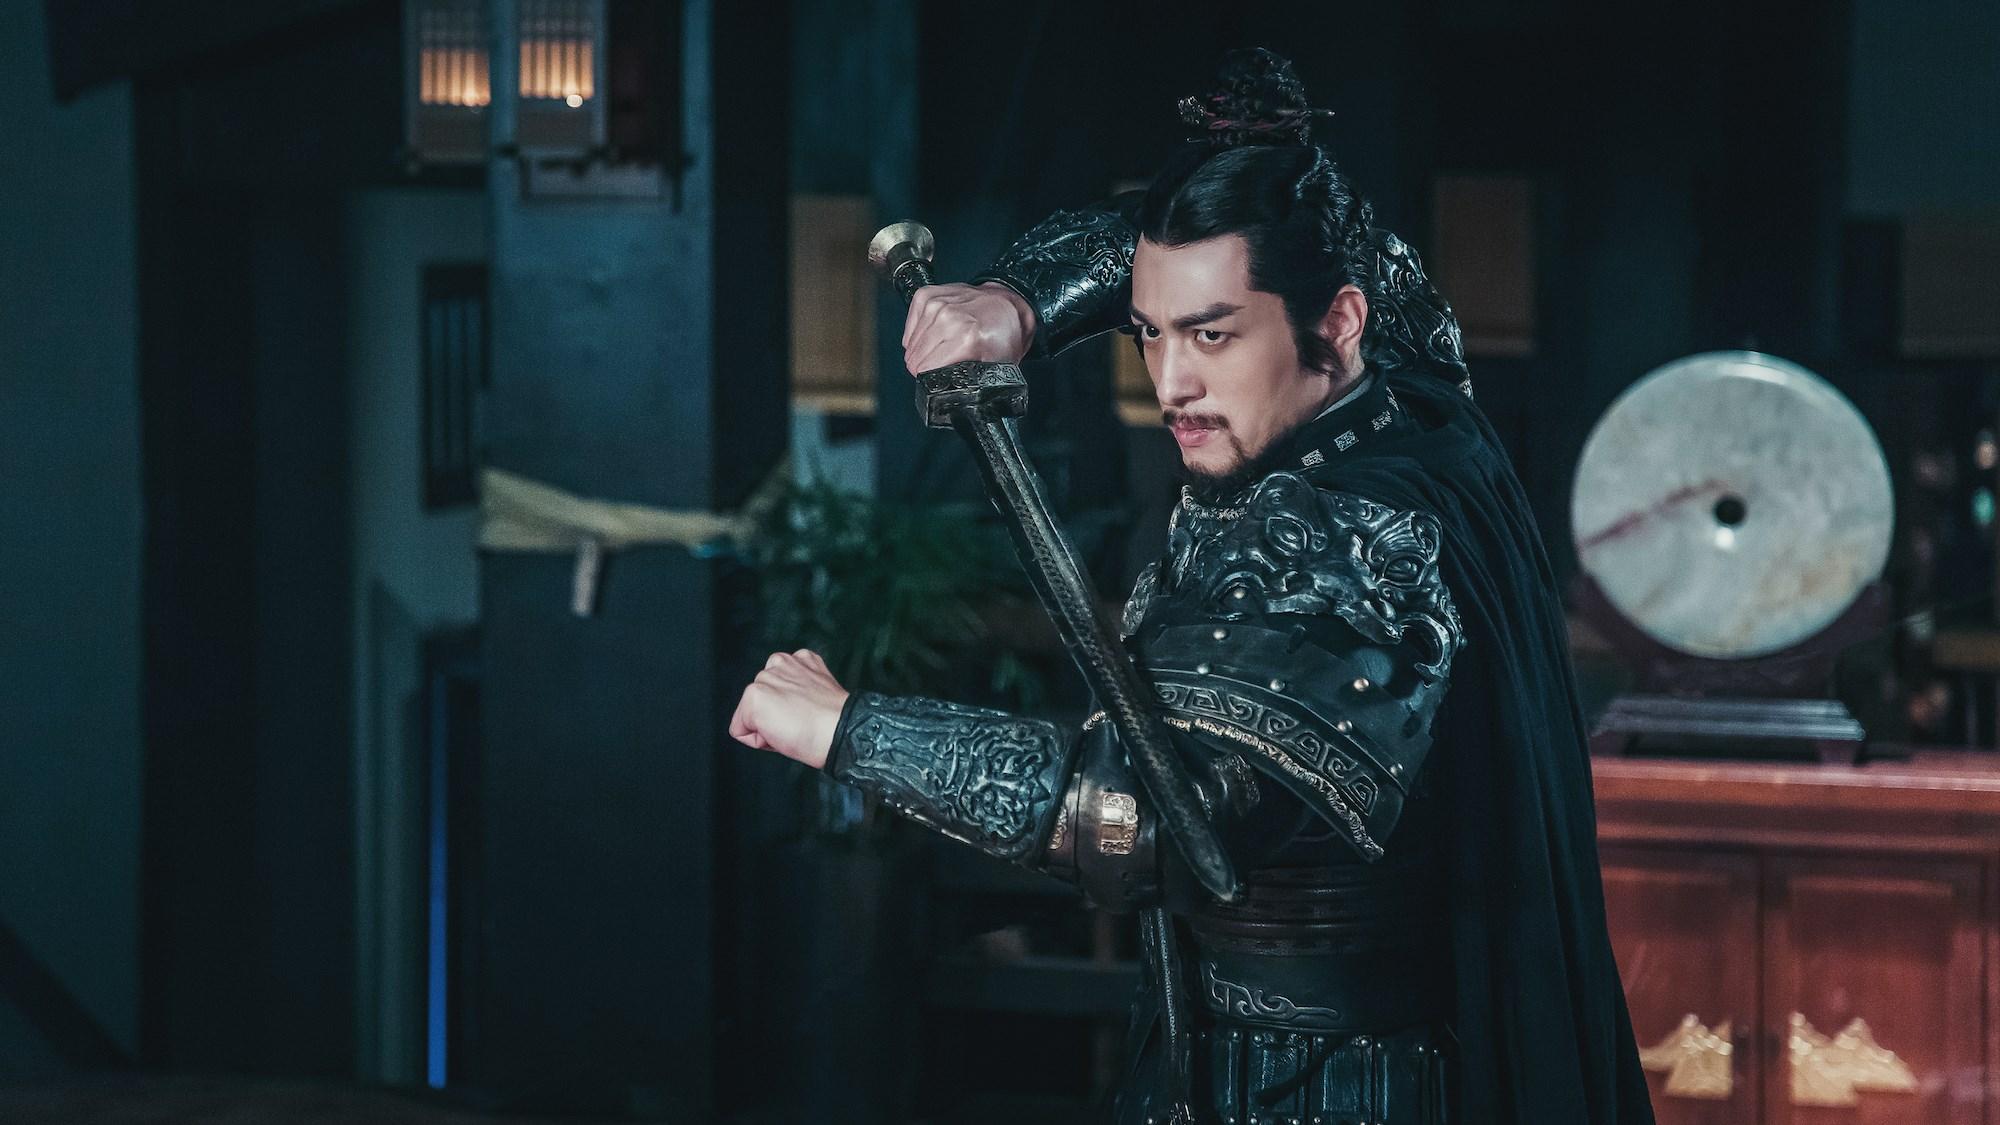 马敬涵《剑王朝》 实力塑造西北虎狼军主帅梁联一角